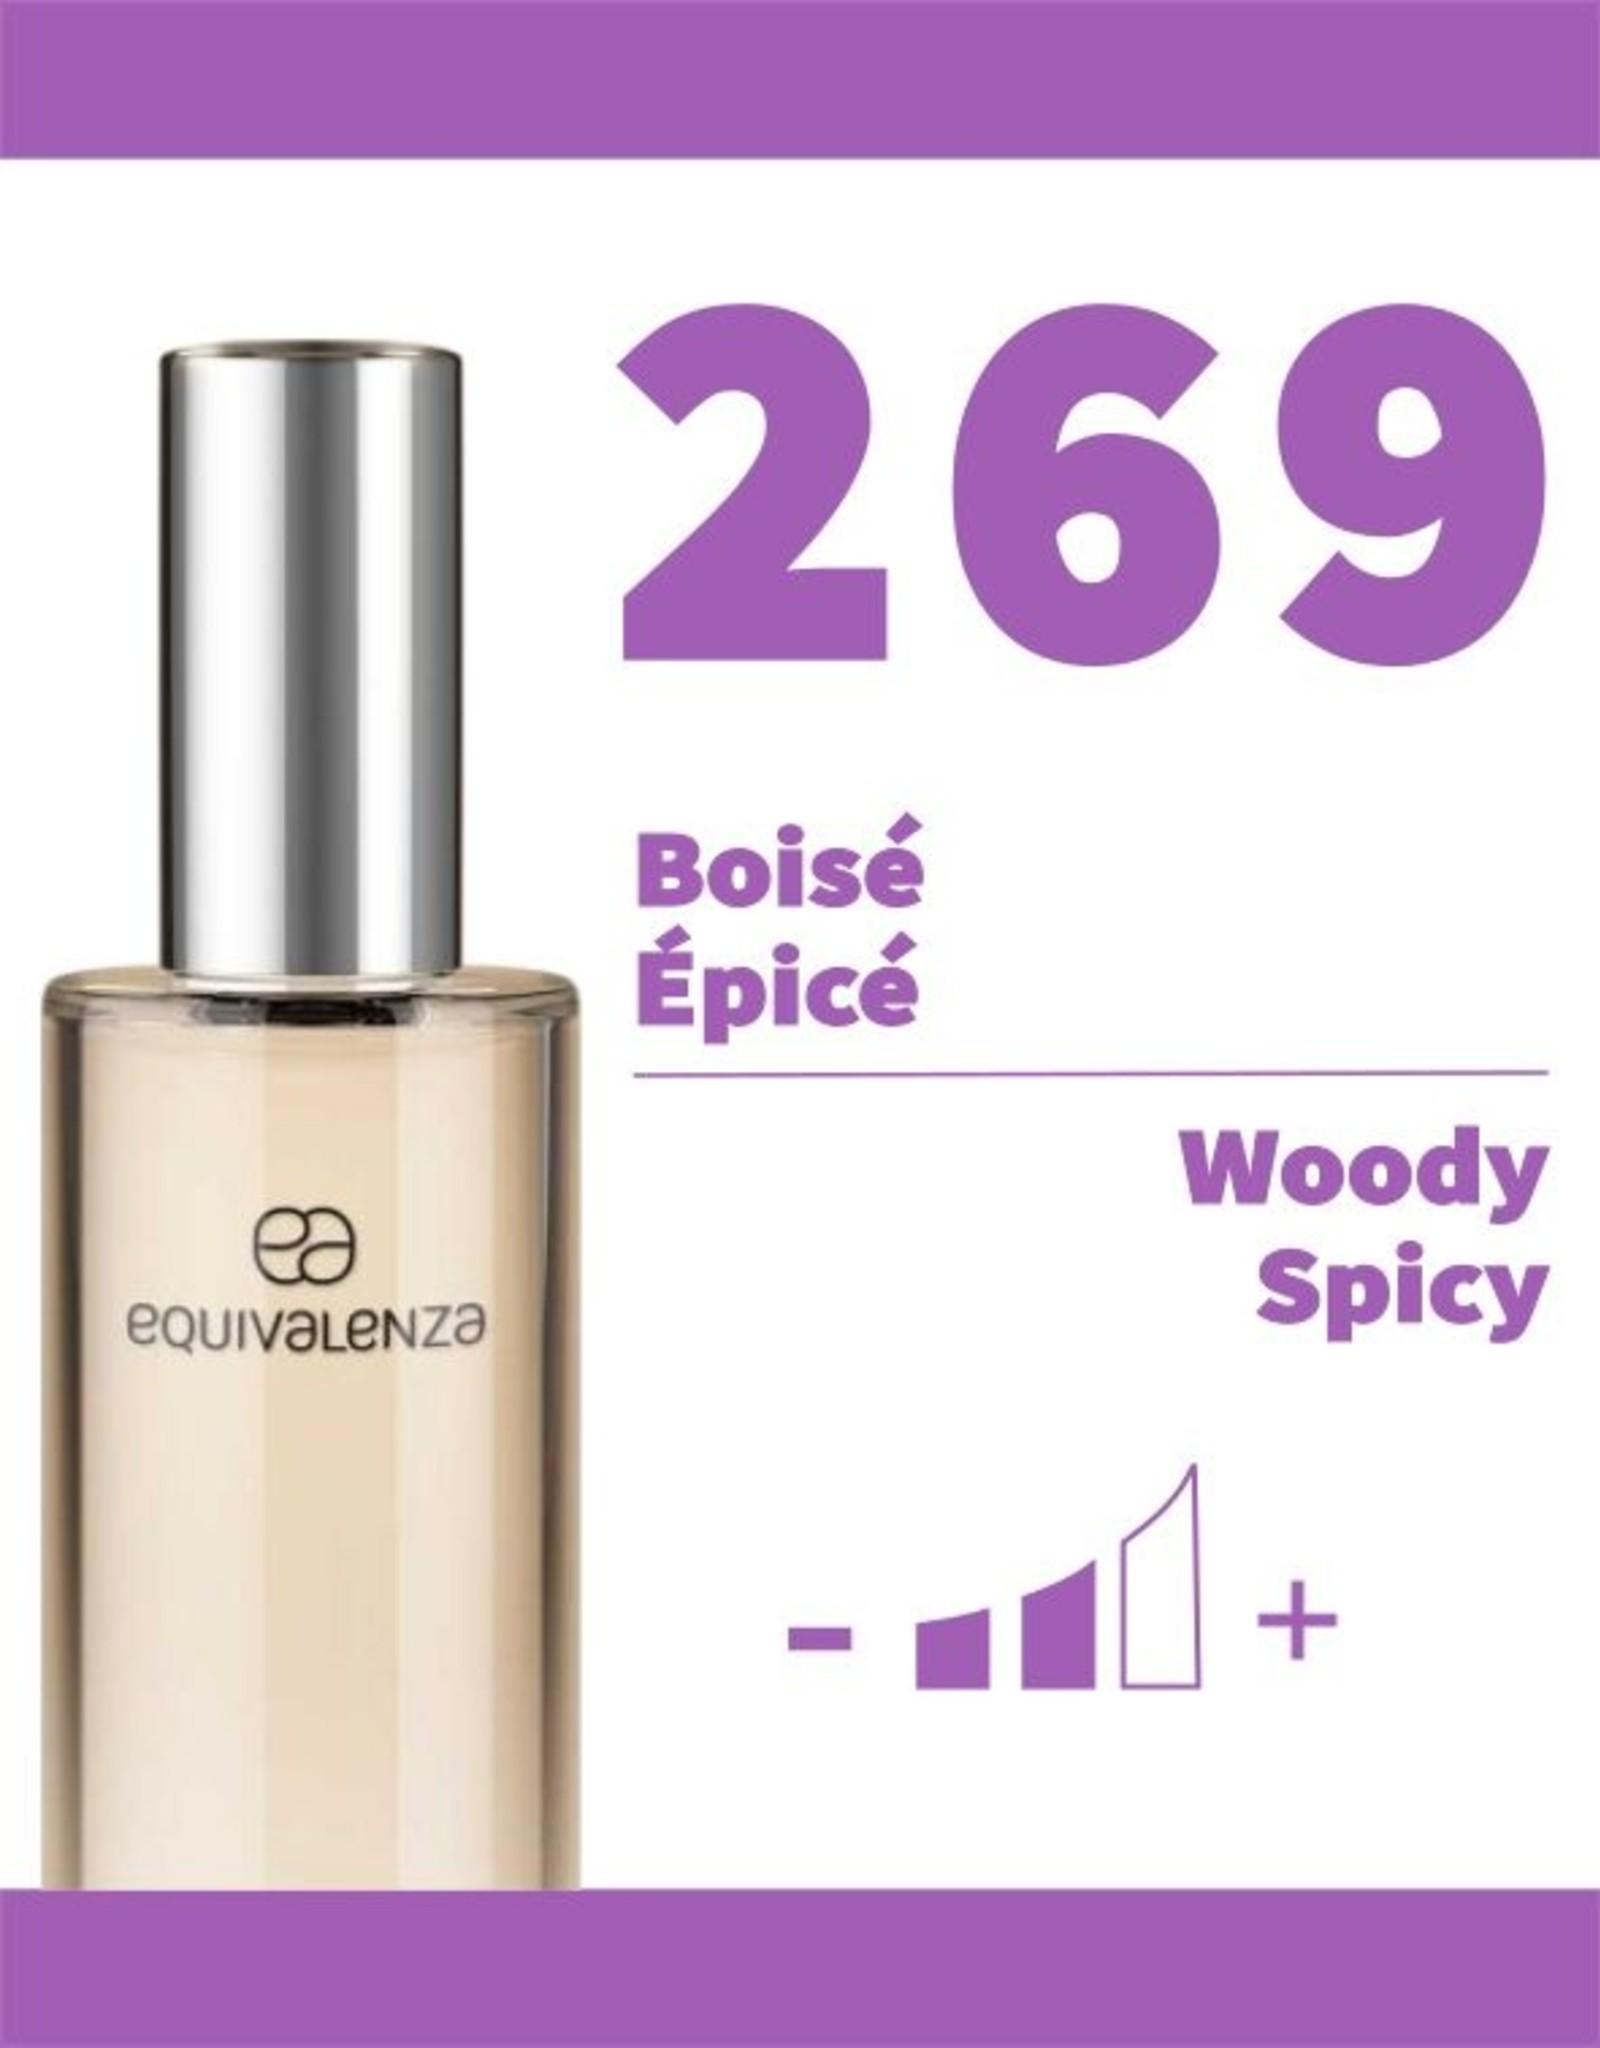 Equivalenza Boisé Épicé 269